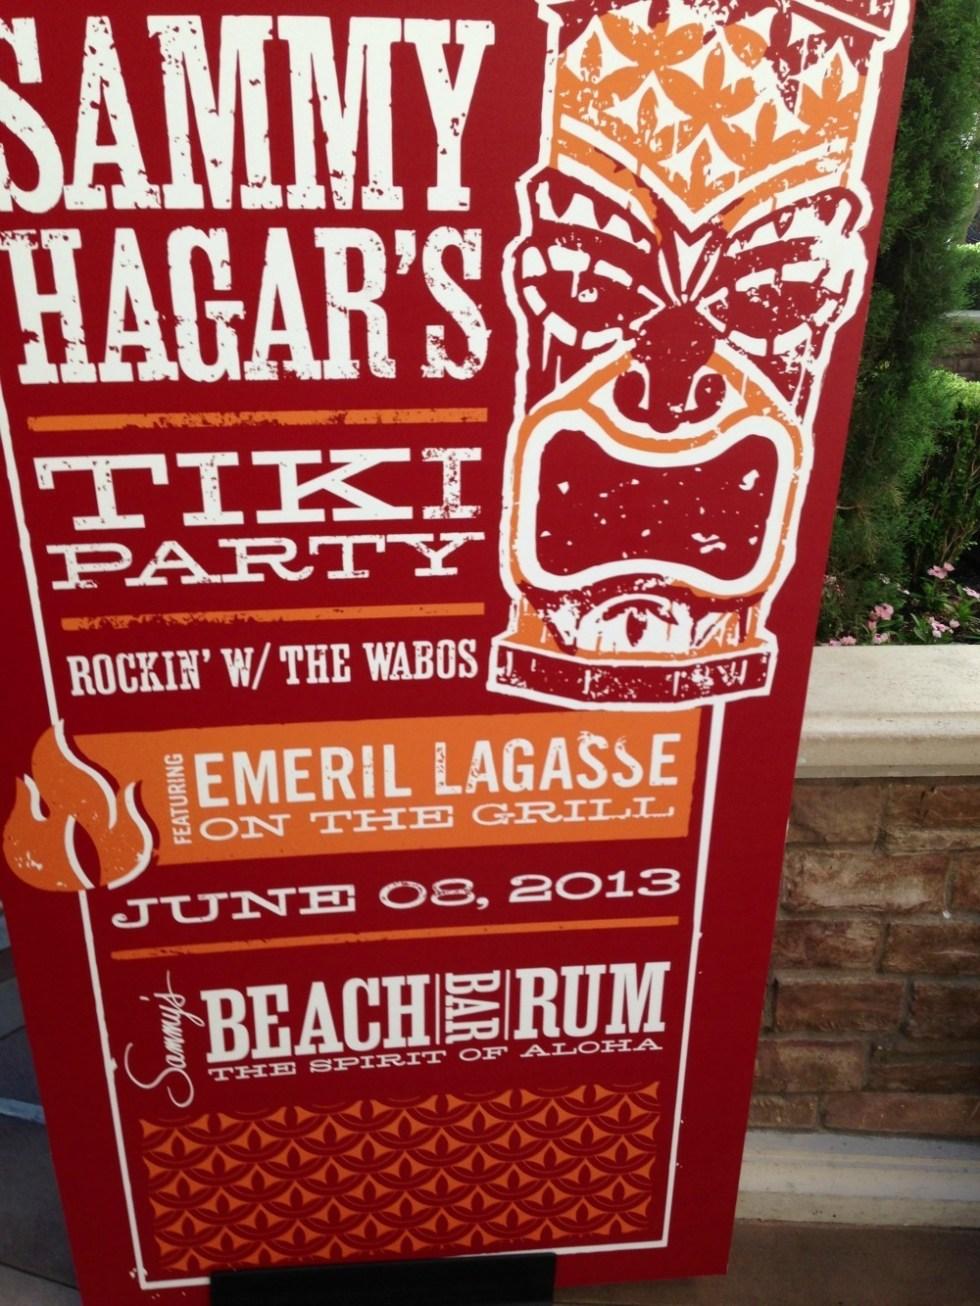 Sammy Hagar and Emeril's Tiki Party